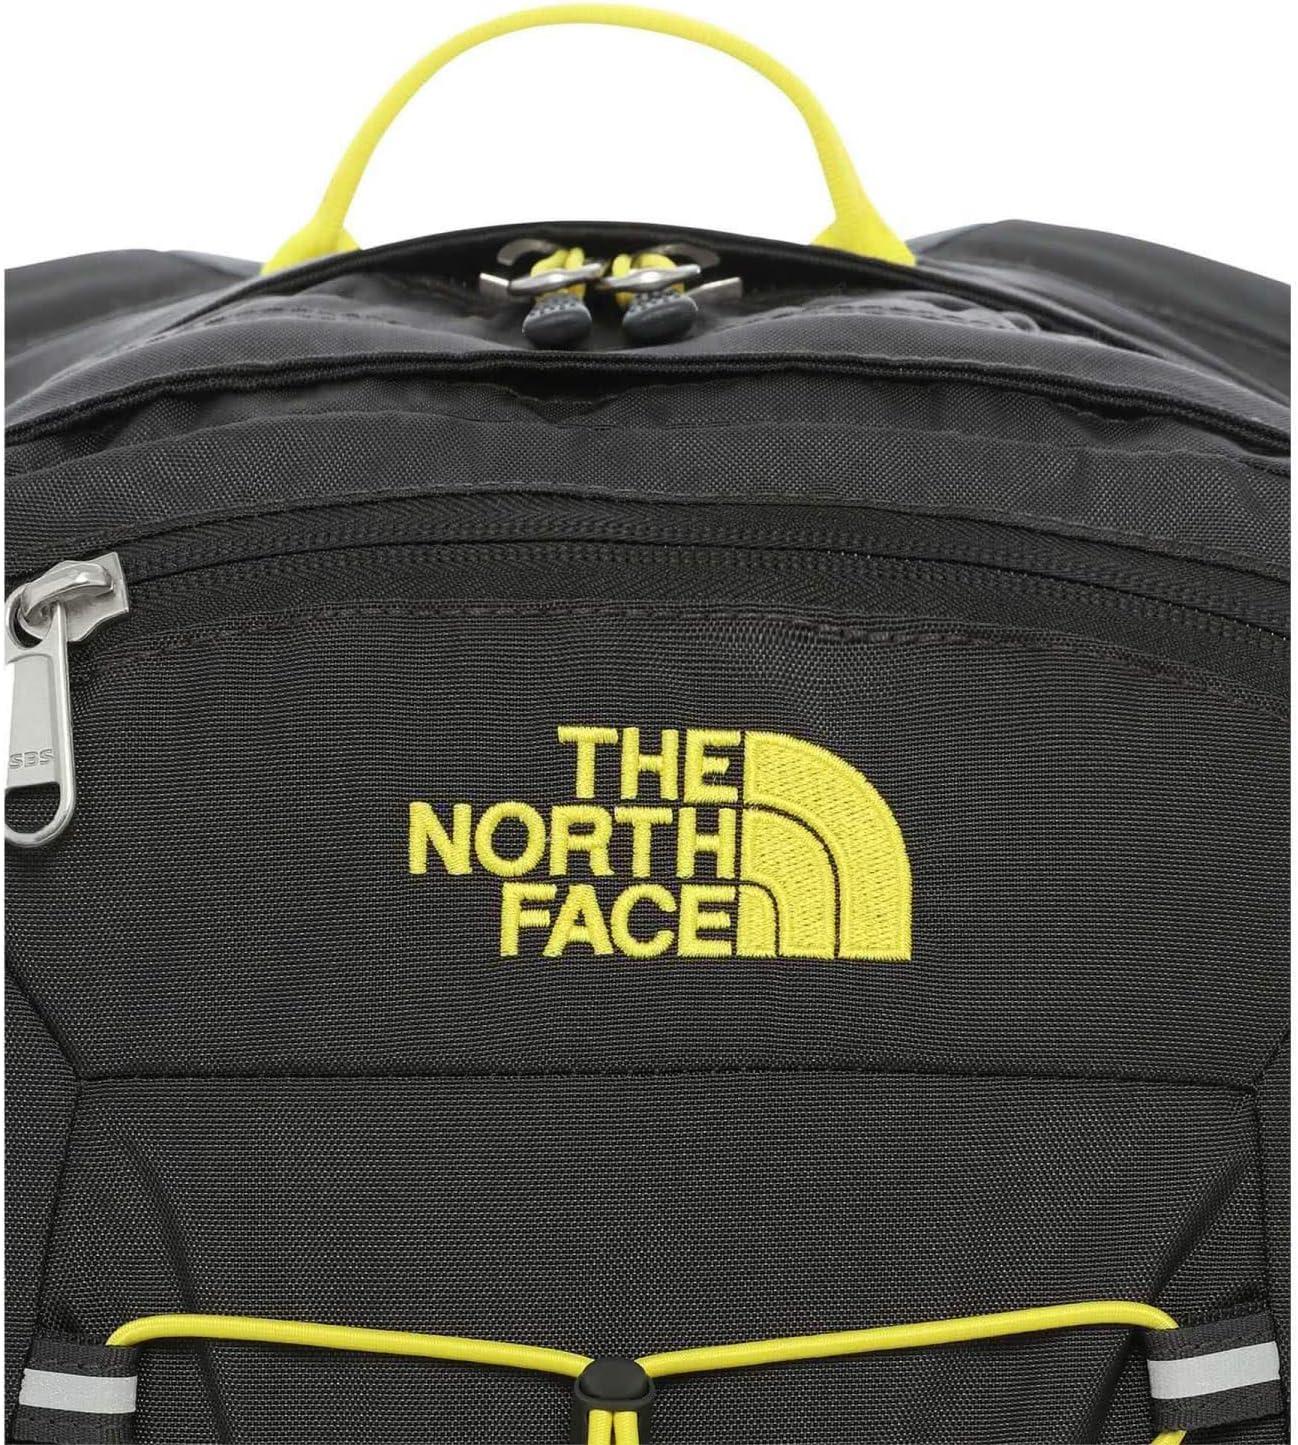 The North Face Borealis Classic 28L